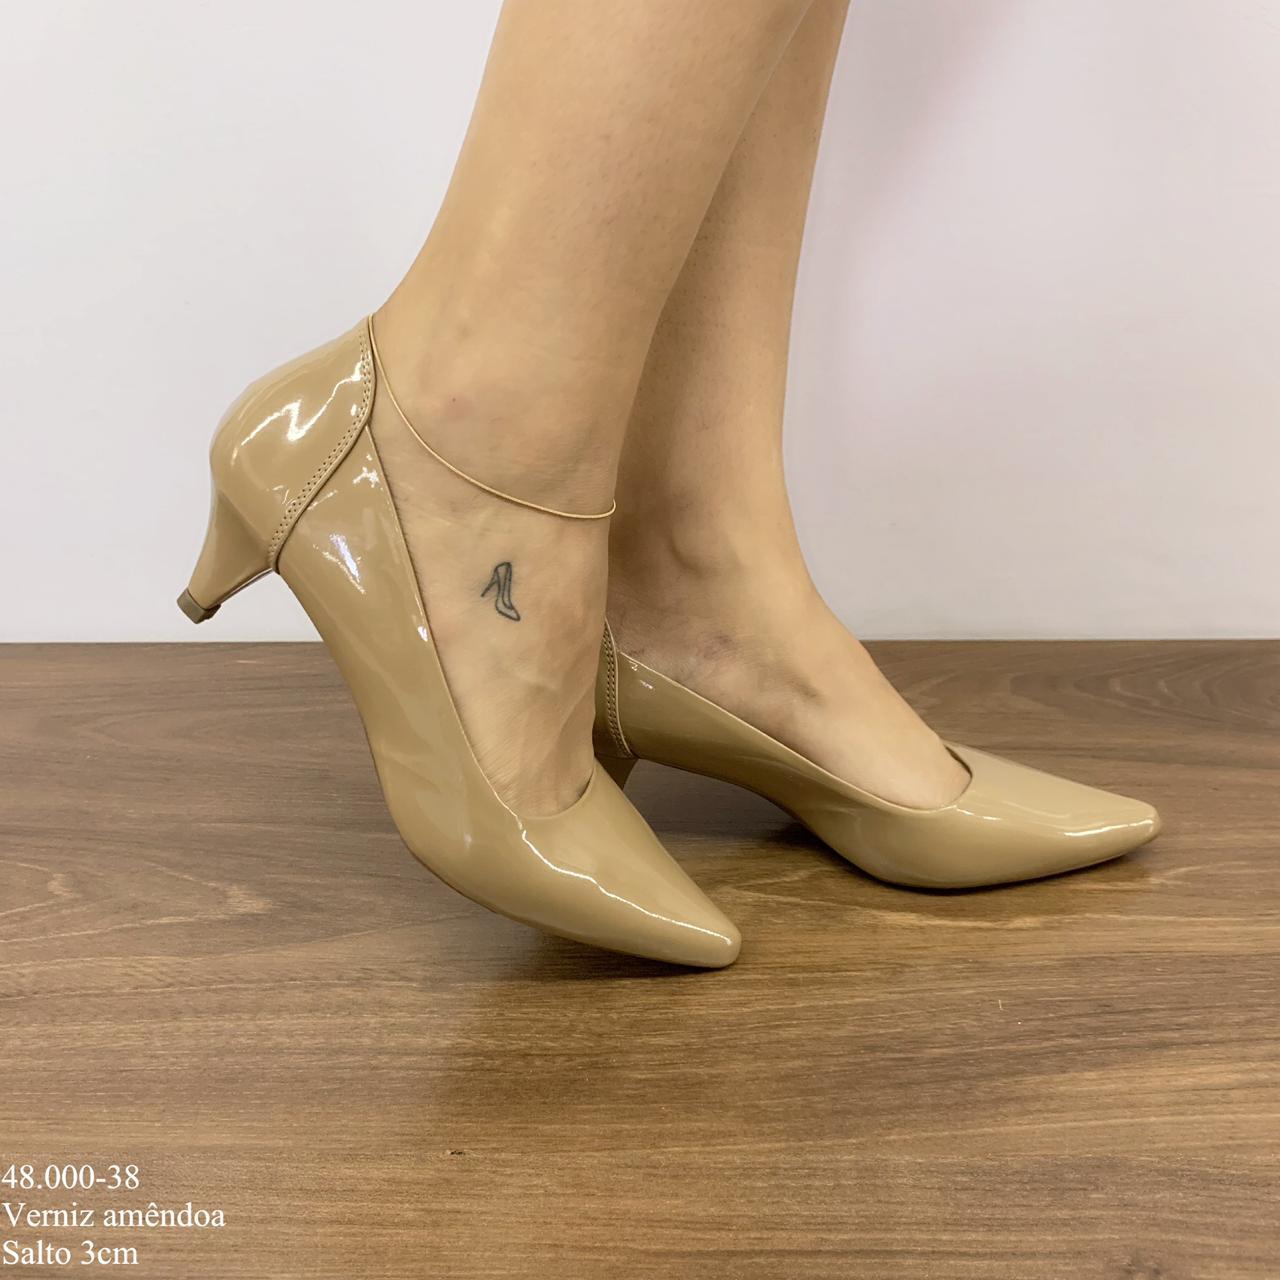 Sapato Scarpin amendoa verniz | D-48.000-38